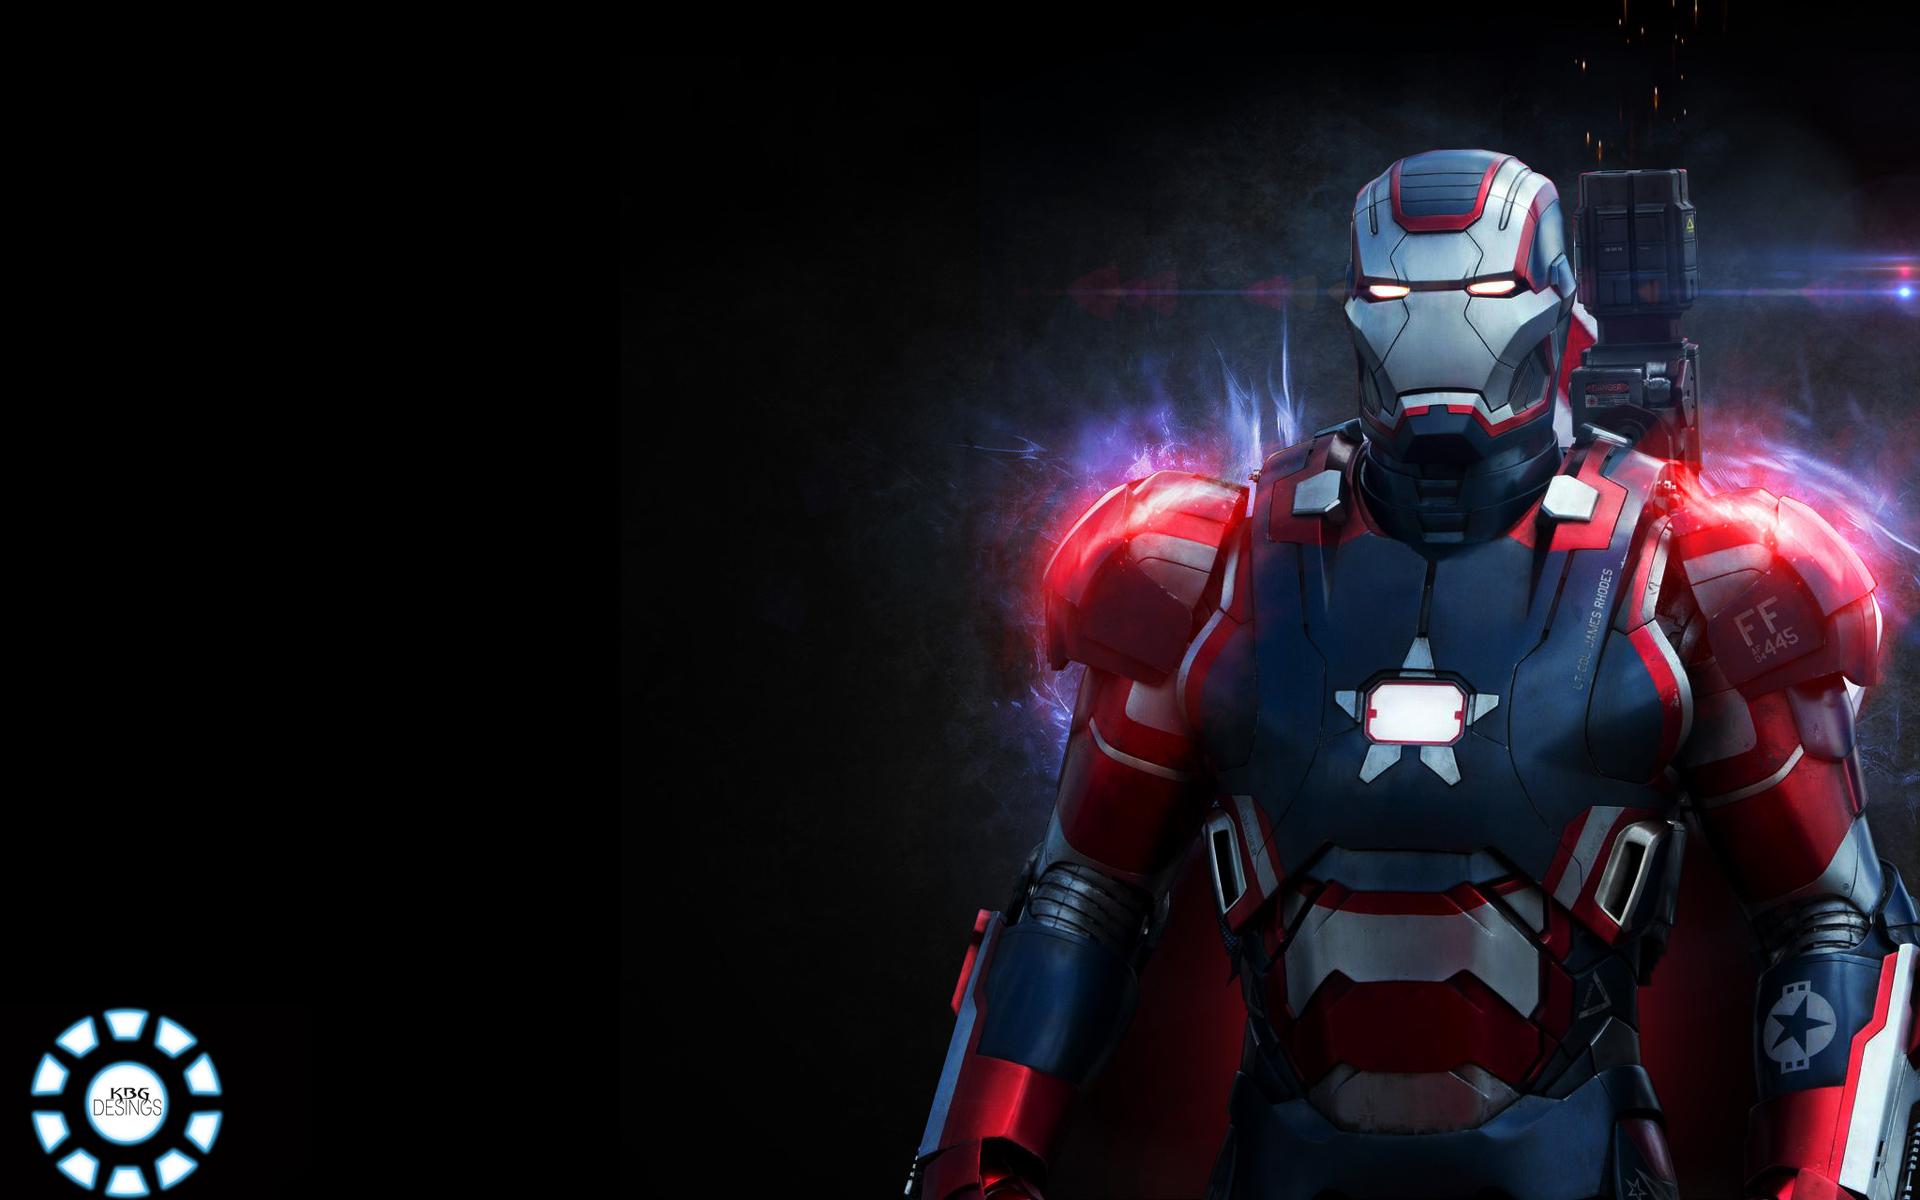 Wallpapers Iron Man HD o algo asi   Taringa 1920x1200